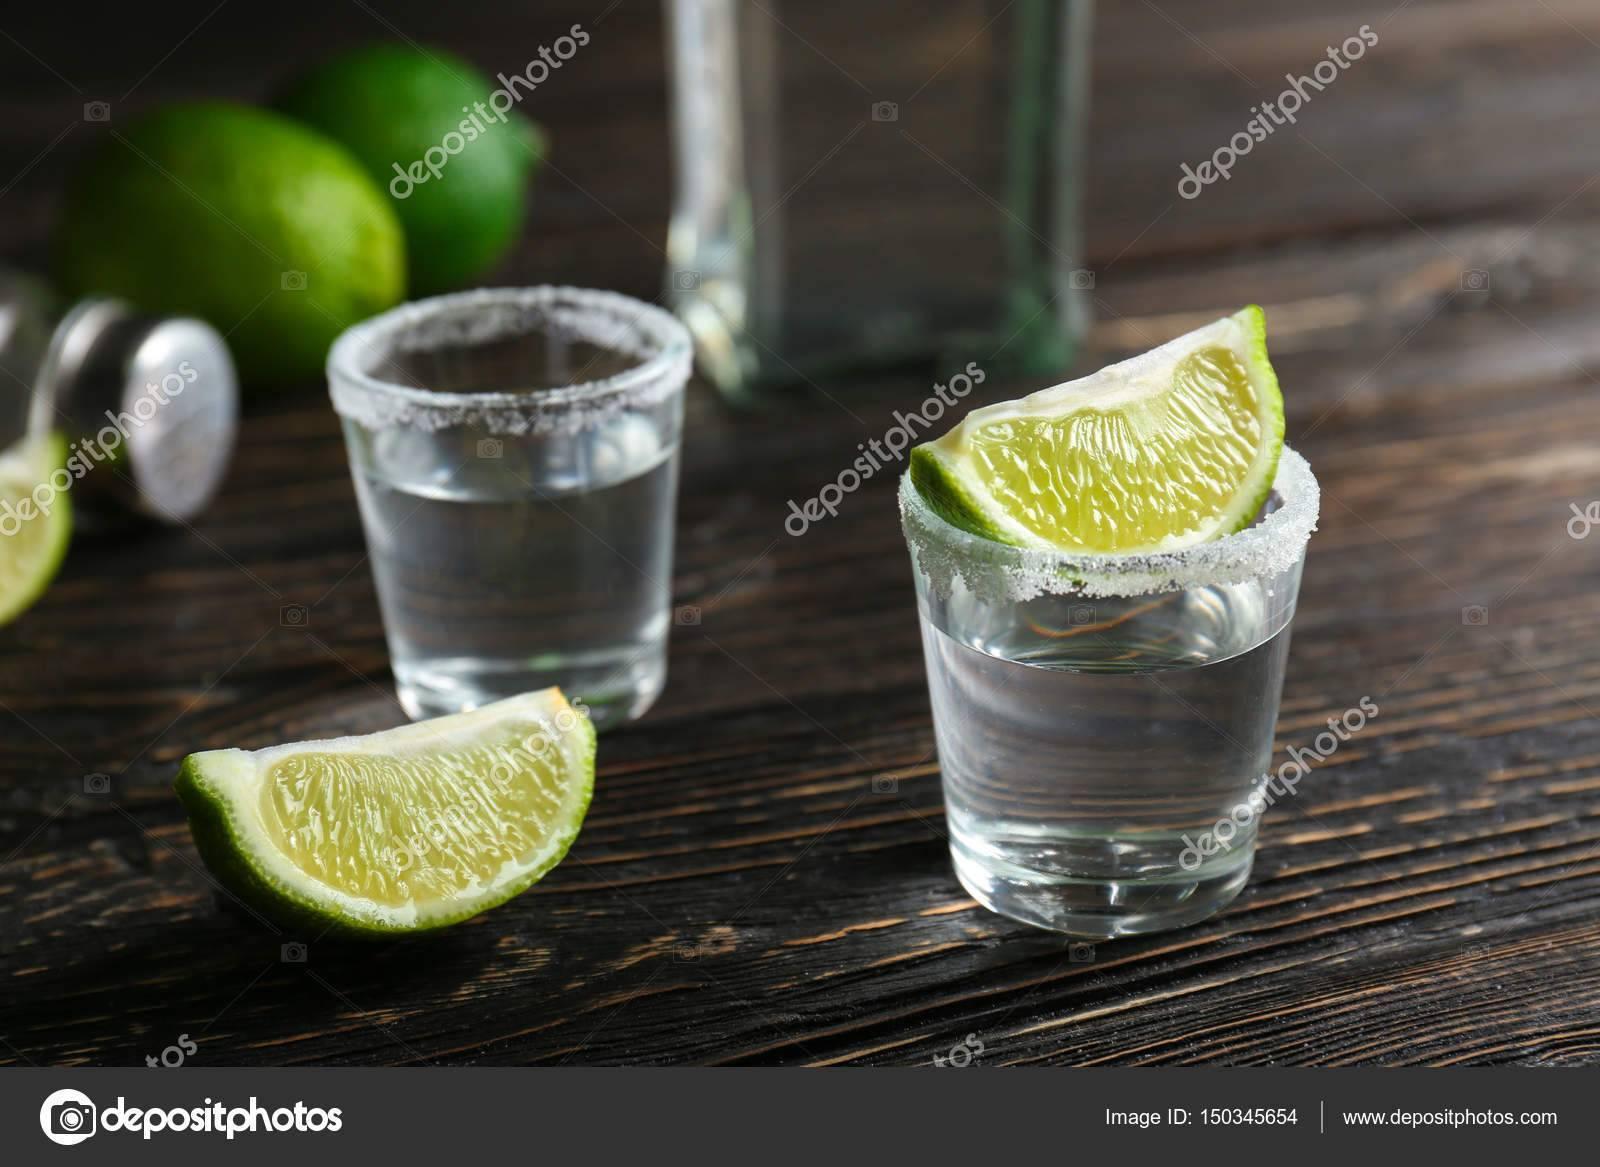 Чем закусывают текилу по этикету, кроме лимона и лайма с солью: как правильно пить и какие бывают варианты коктейлей в домашних условиях, лучшие рецепты с фото | mosspravki.ru